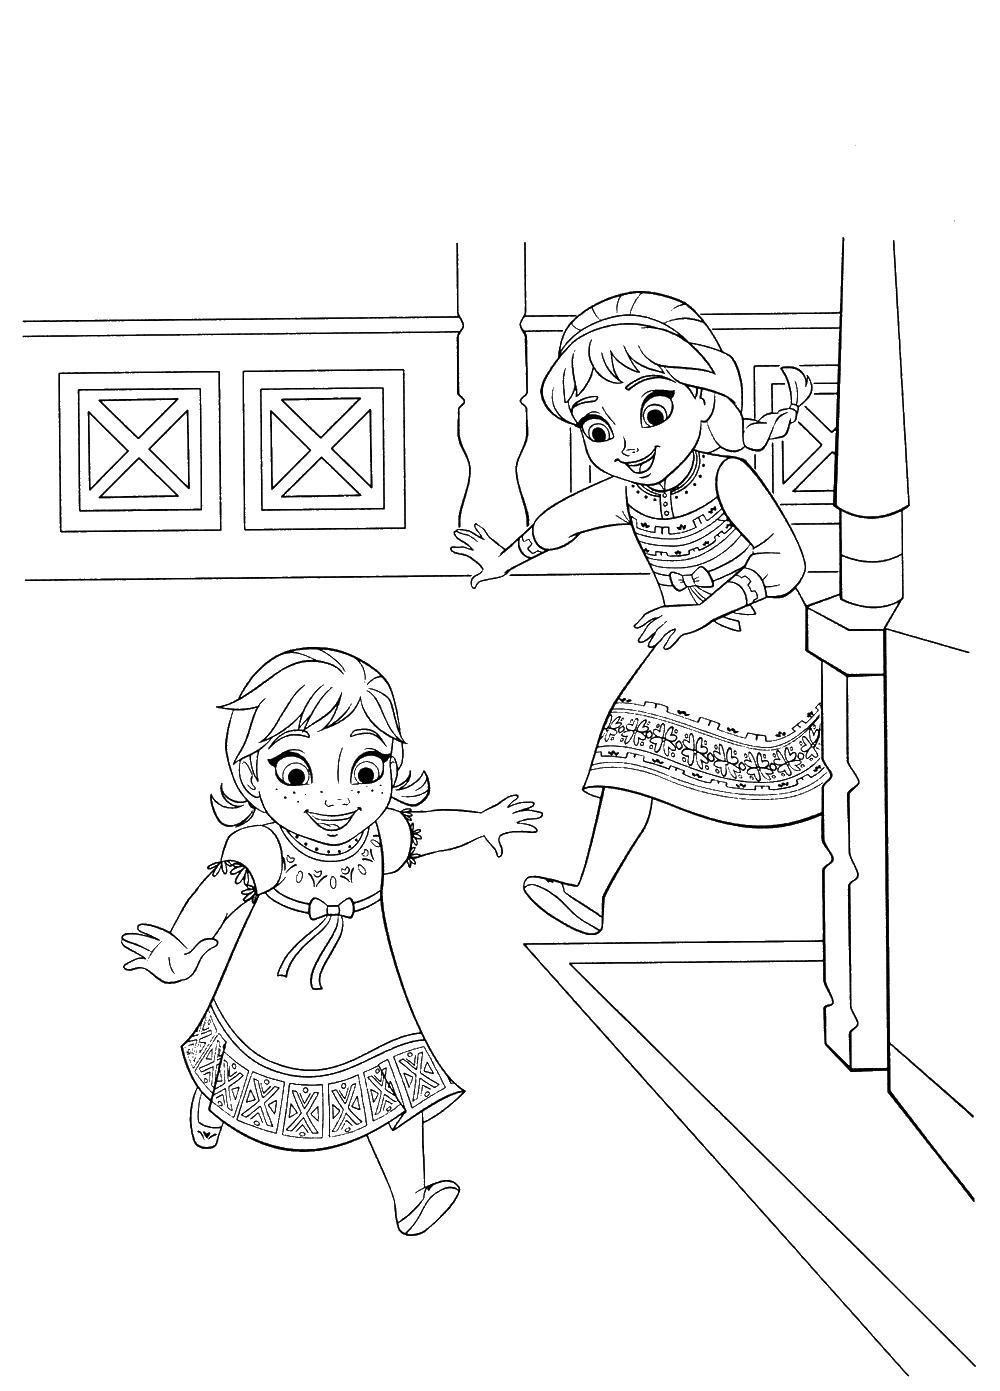 Ельза и анна играют Раскраски для девочек бесплатно